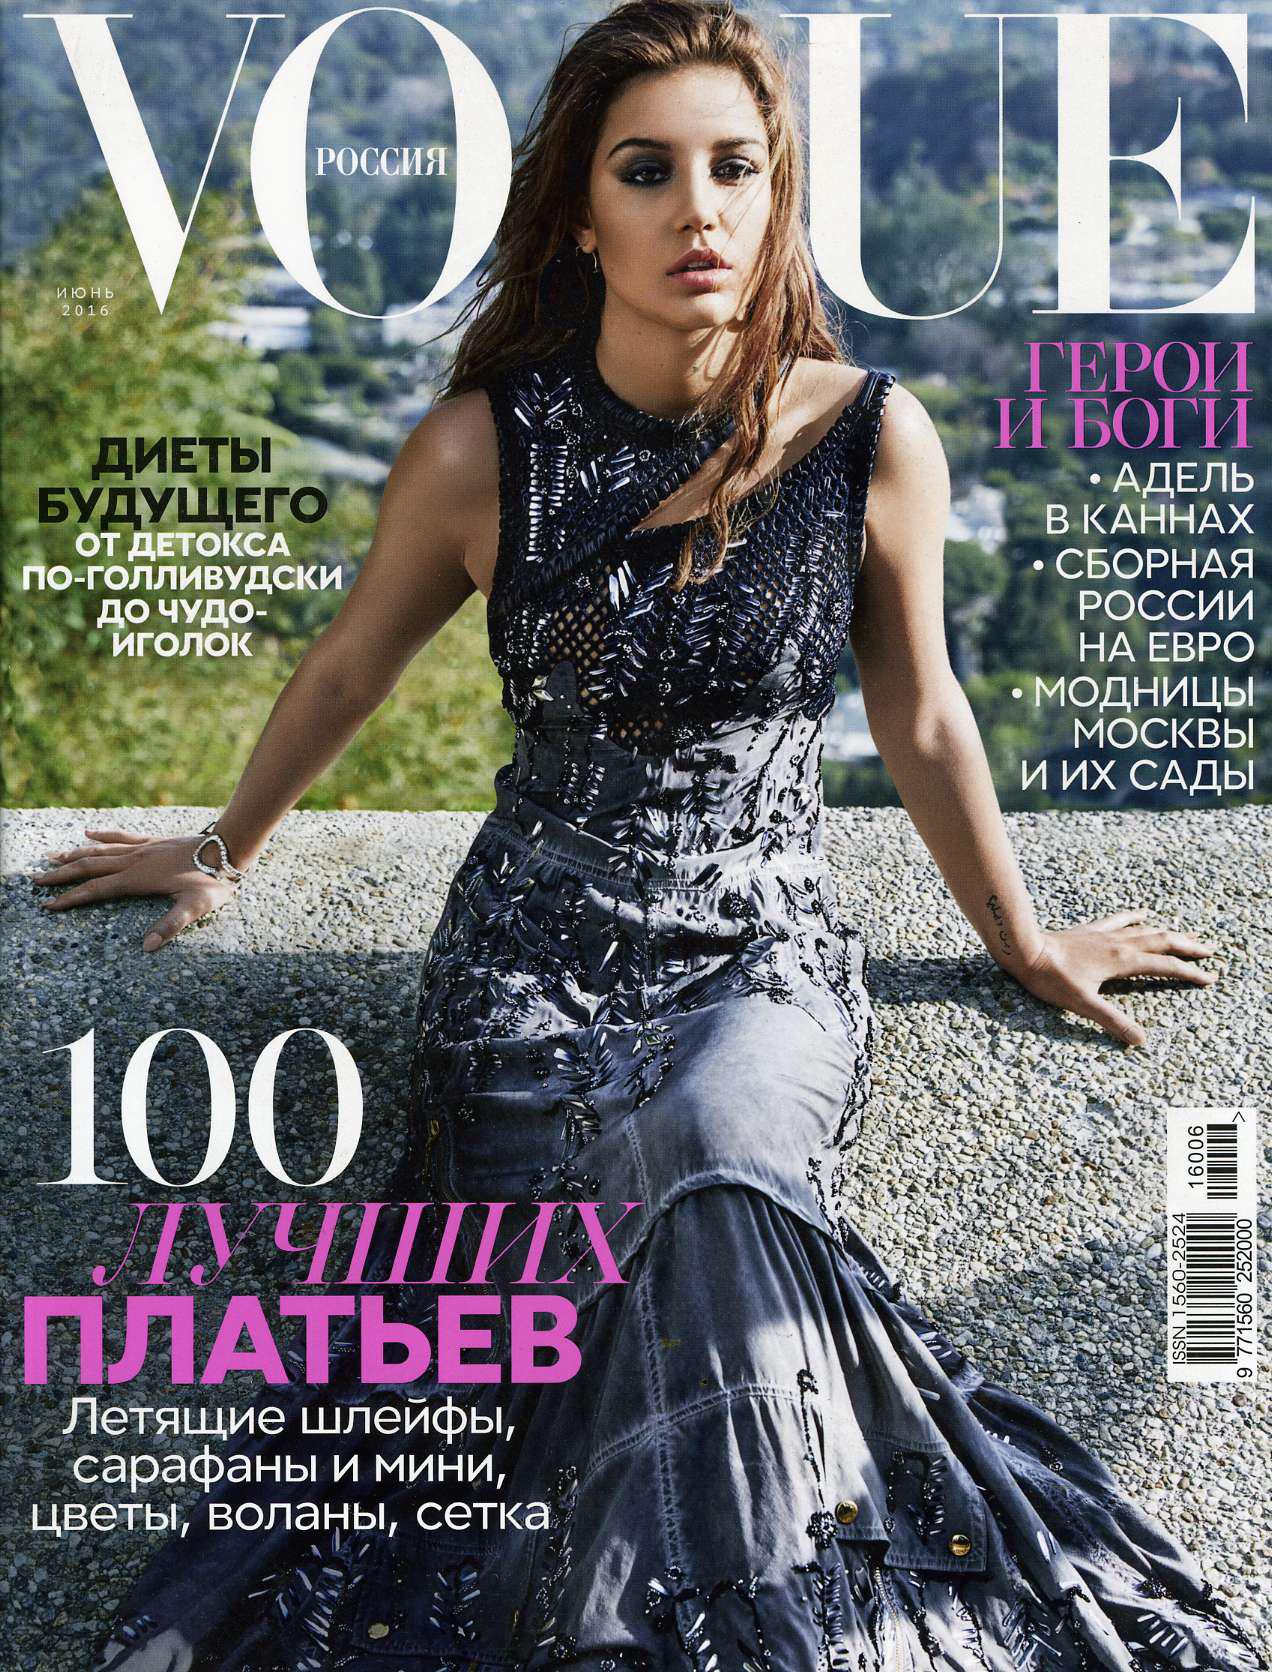 Vogue-poccnr001